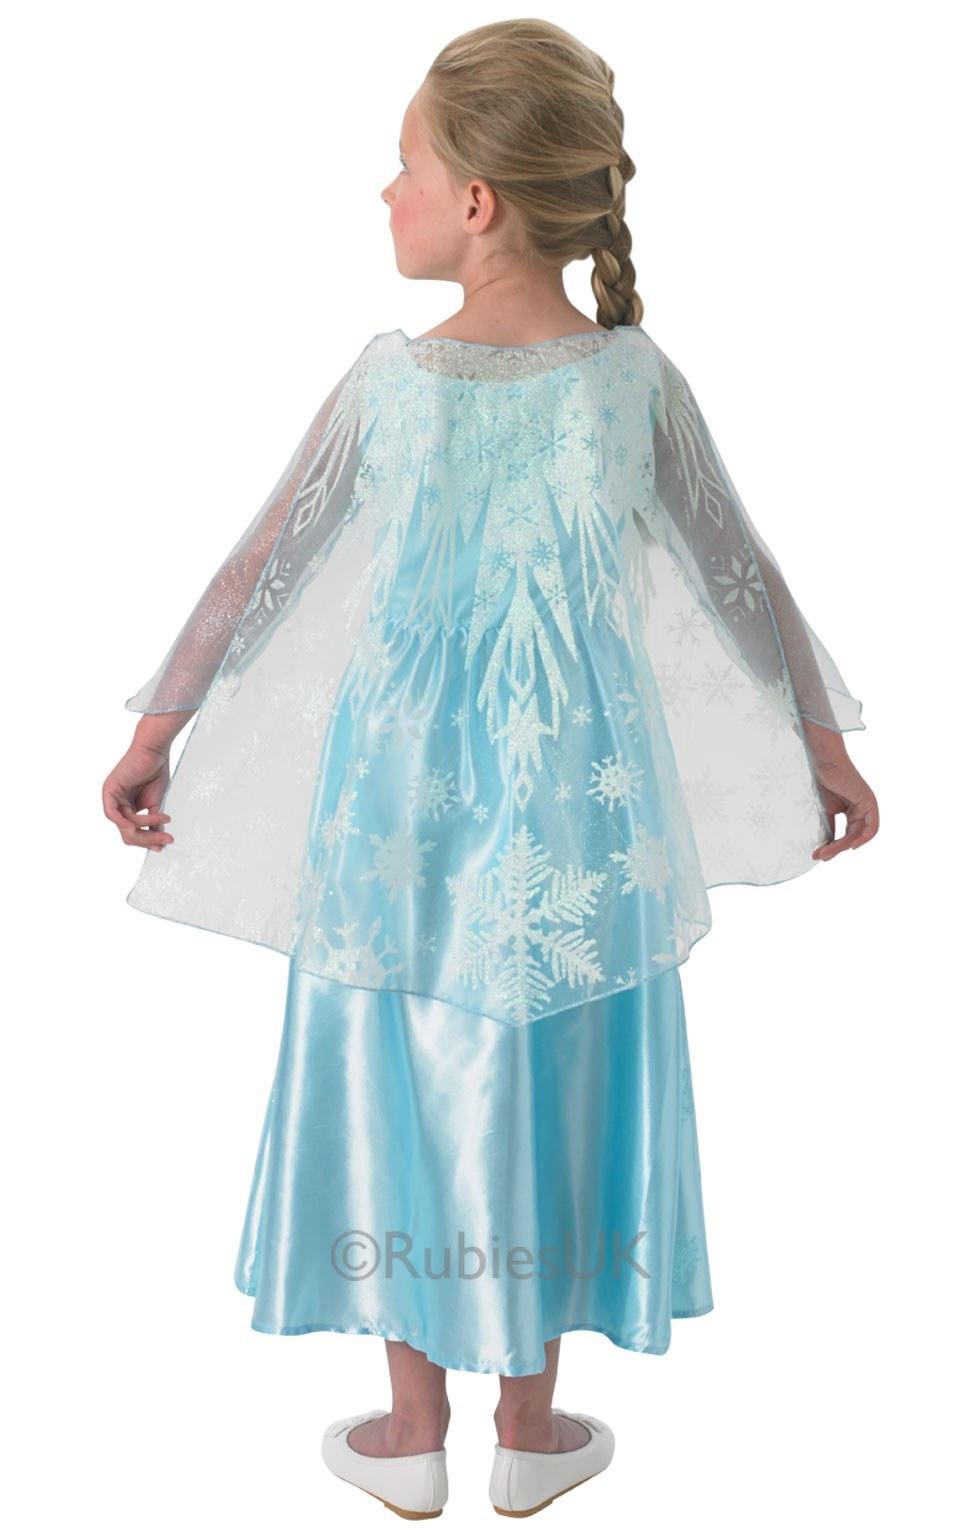 Disney Frozen Musical Light Up Elsa Dress